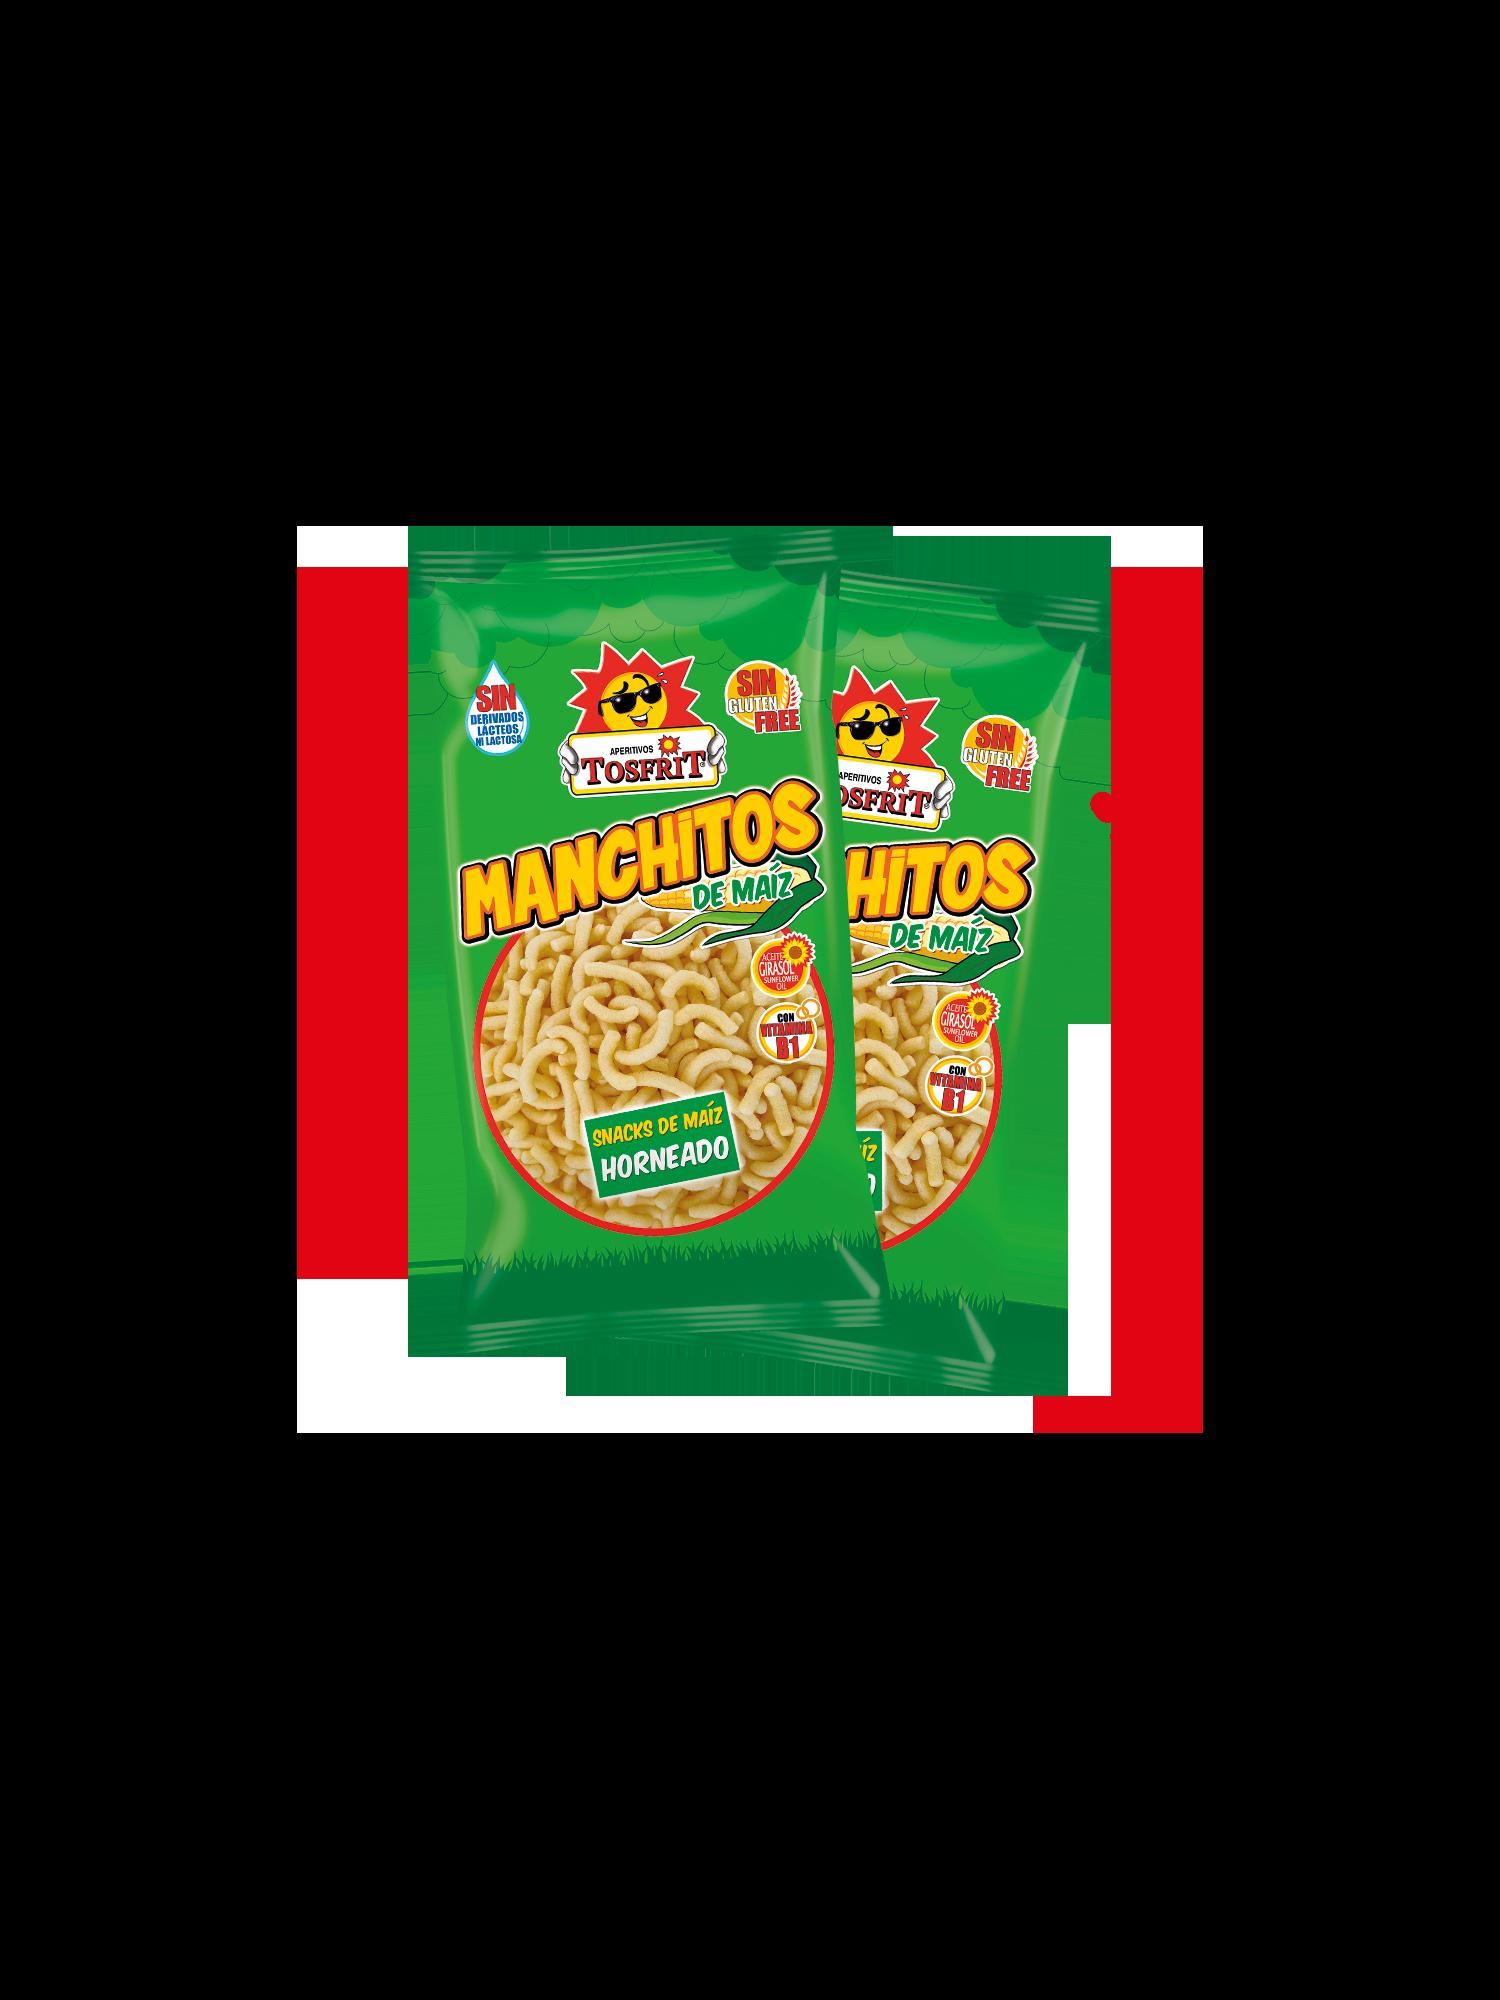 manchitos